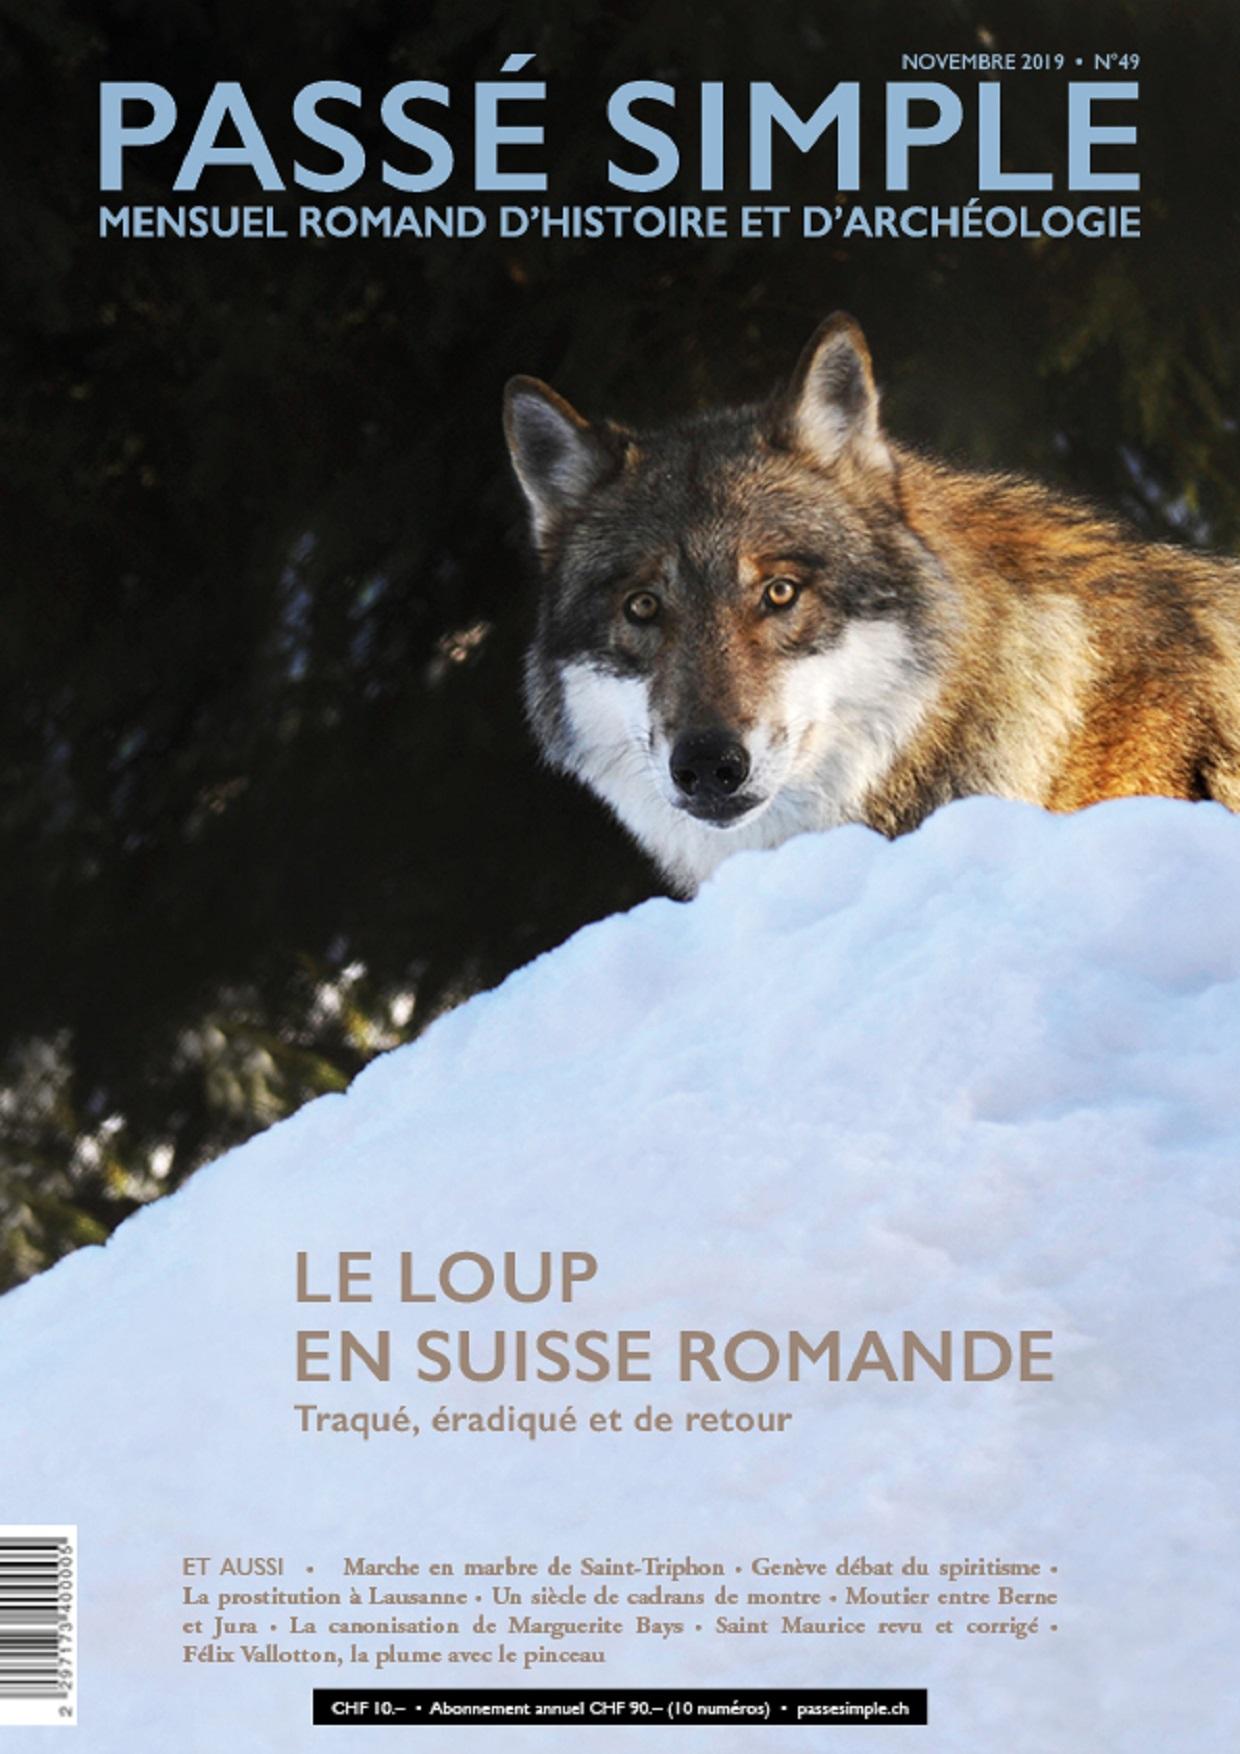 Passé simple : mensuel romand d'histoire et d'archéologie. N° 49, novembre 2019